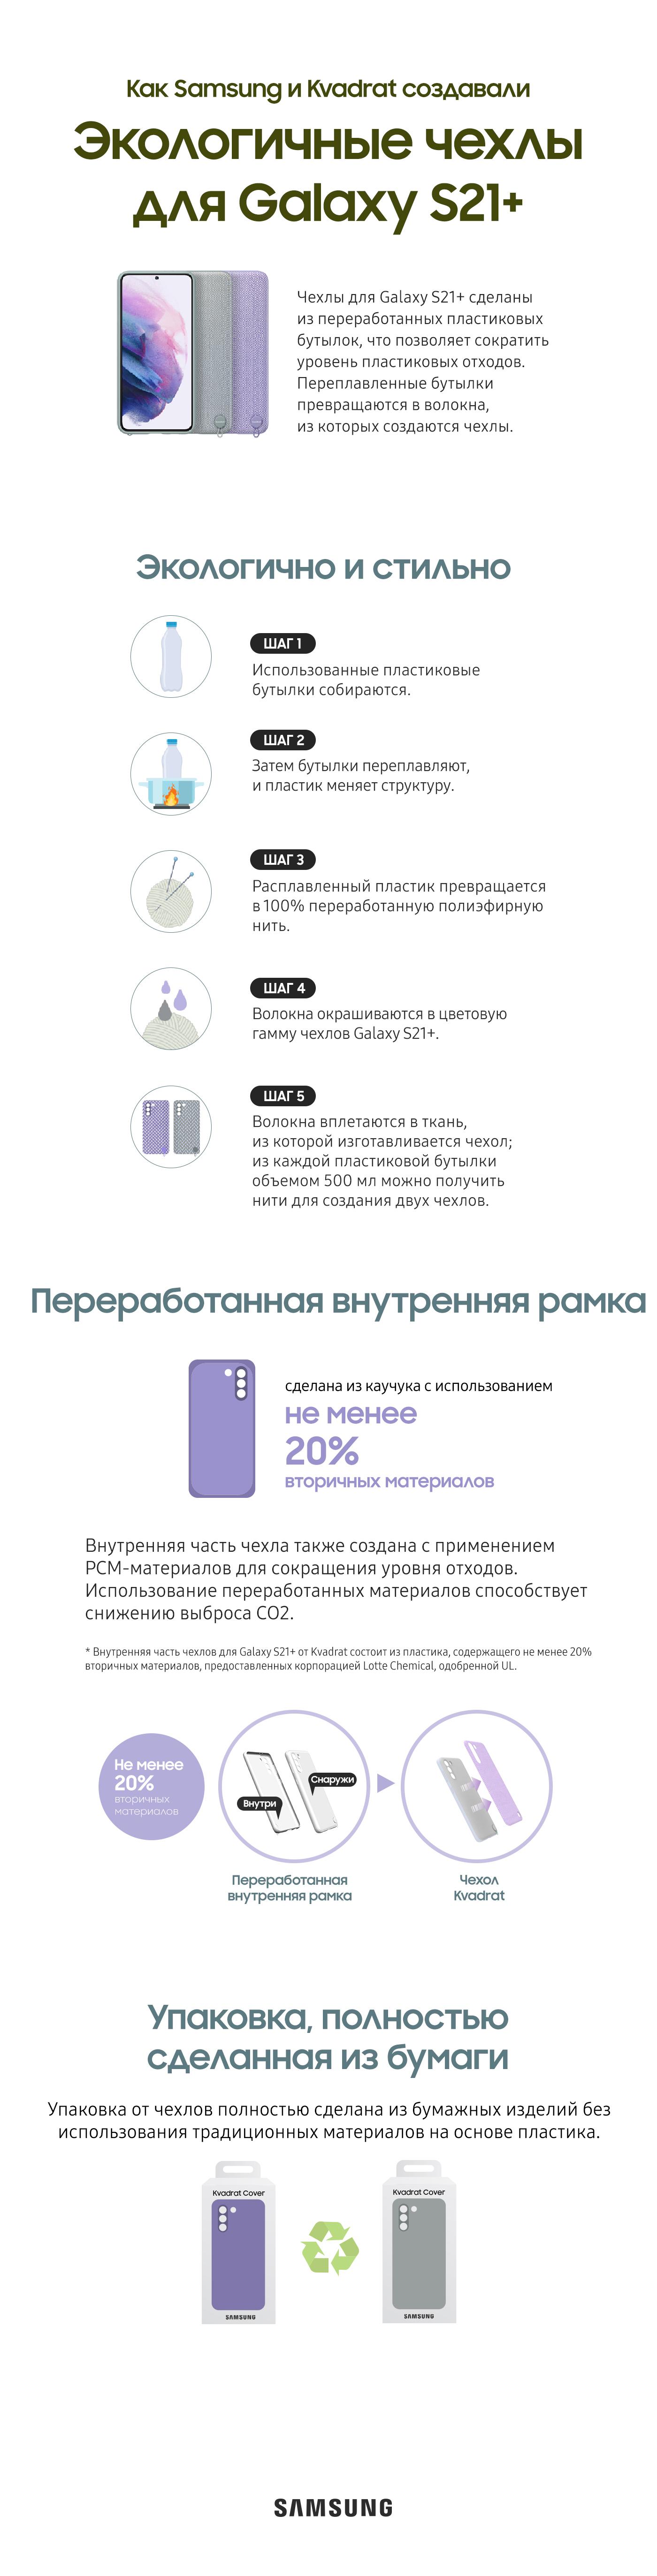 Чехол для смартфона из пластиковой бутылки: Samsung рассказала том, как создаются экологичные аксессуары